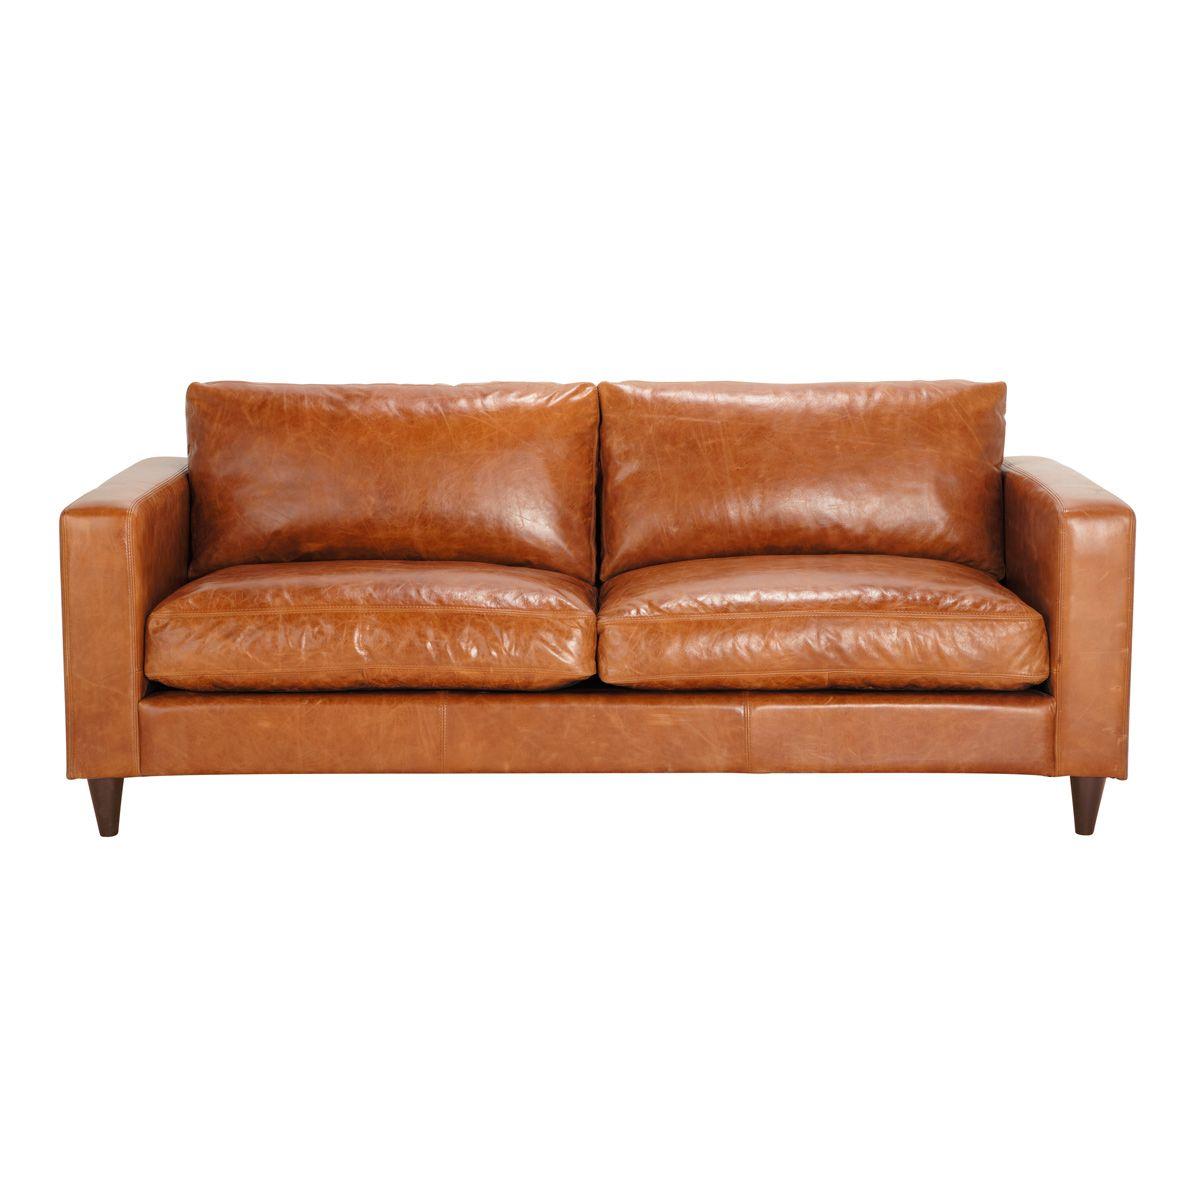 Vintage Sofa 3 Sitzer Aus Leder Camelfarben Living Rooms